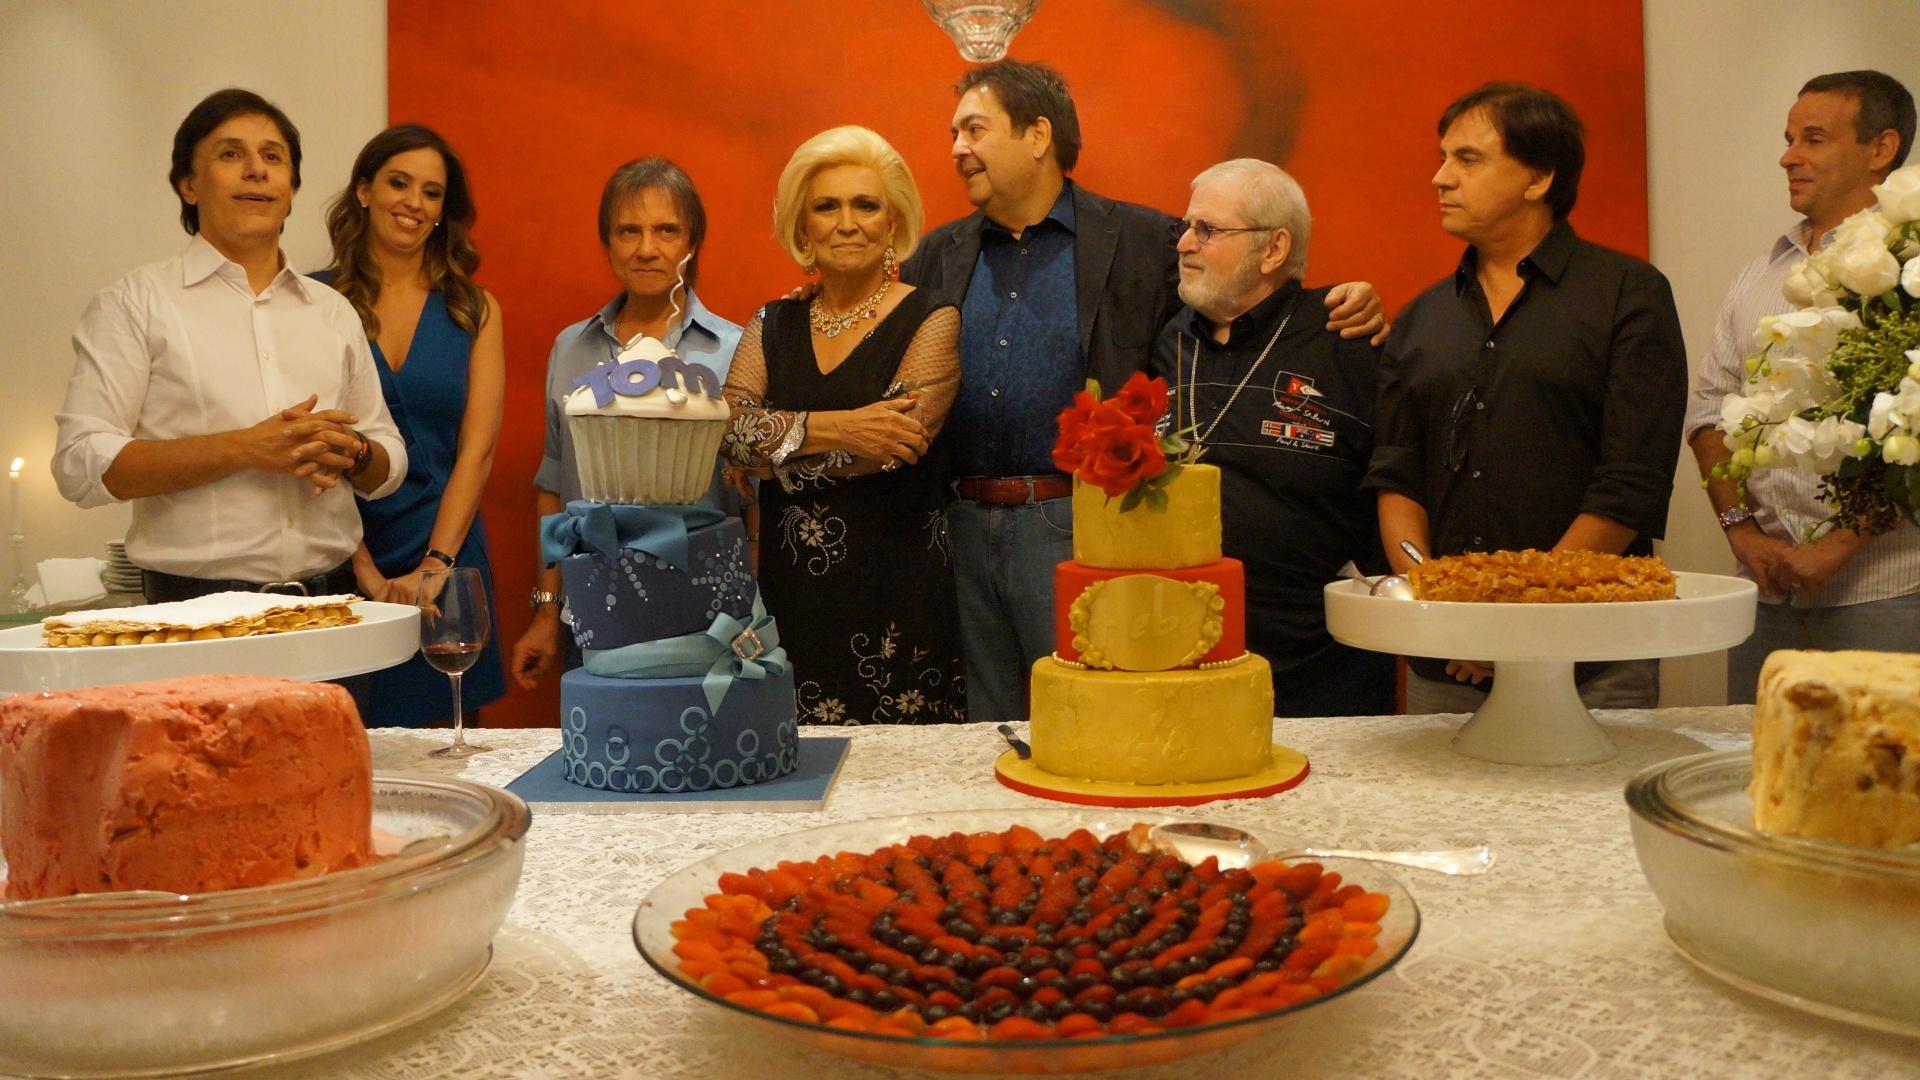 Tom Cavalcante comemorou a chegada aos 50 anos em um jantar na noite da quinta-feira (8/3/12). Hebe Camargo, que faz aniversário na mesma data, prestigiou a comemoração e ganhou um bolo do humorista. Jô Soares, Faustão e Roberto Carlos também compareceram